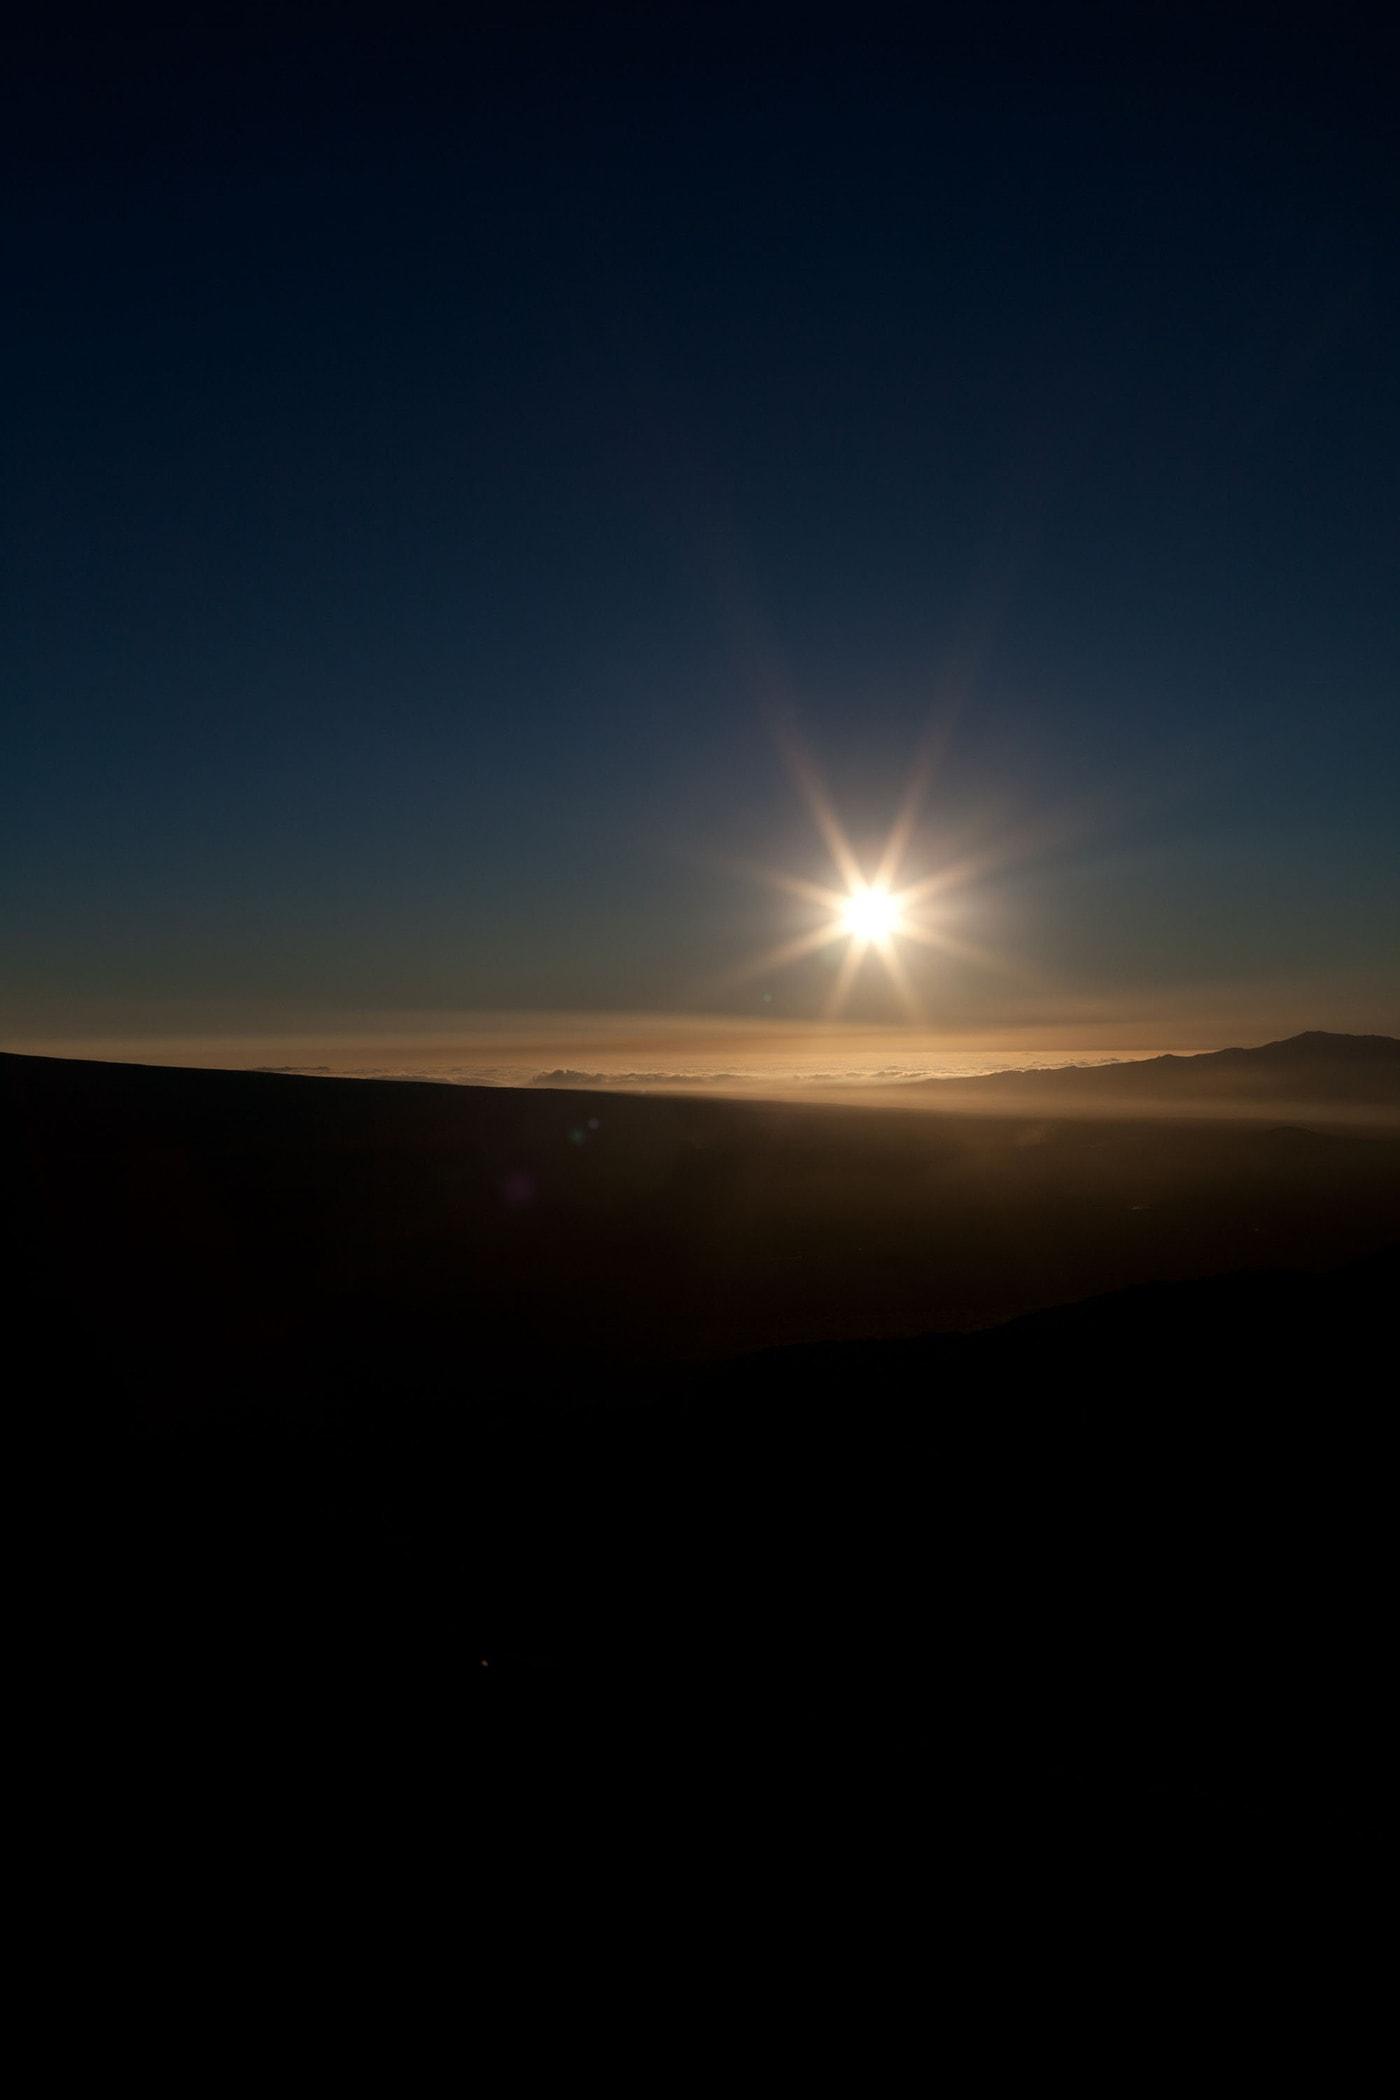 Sunset at Mauna Kea on the Big Island in Hawaii.